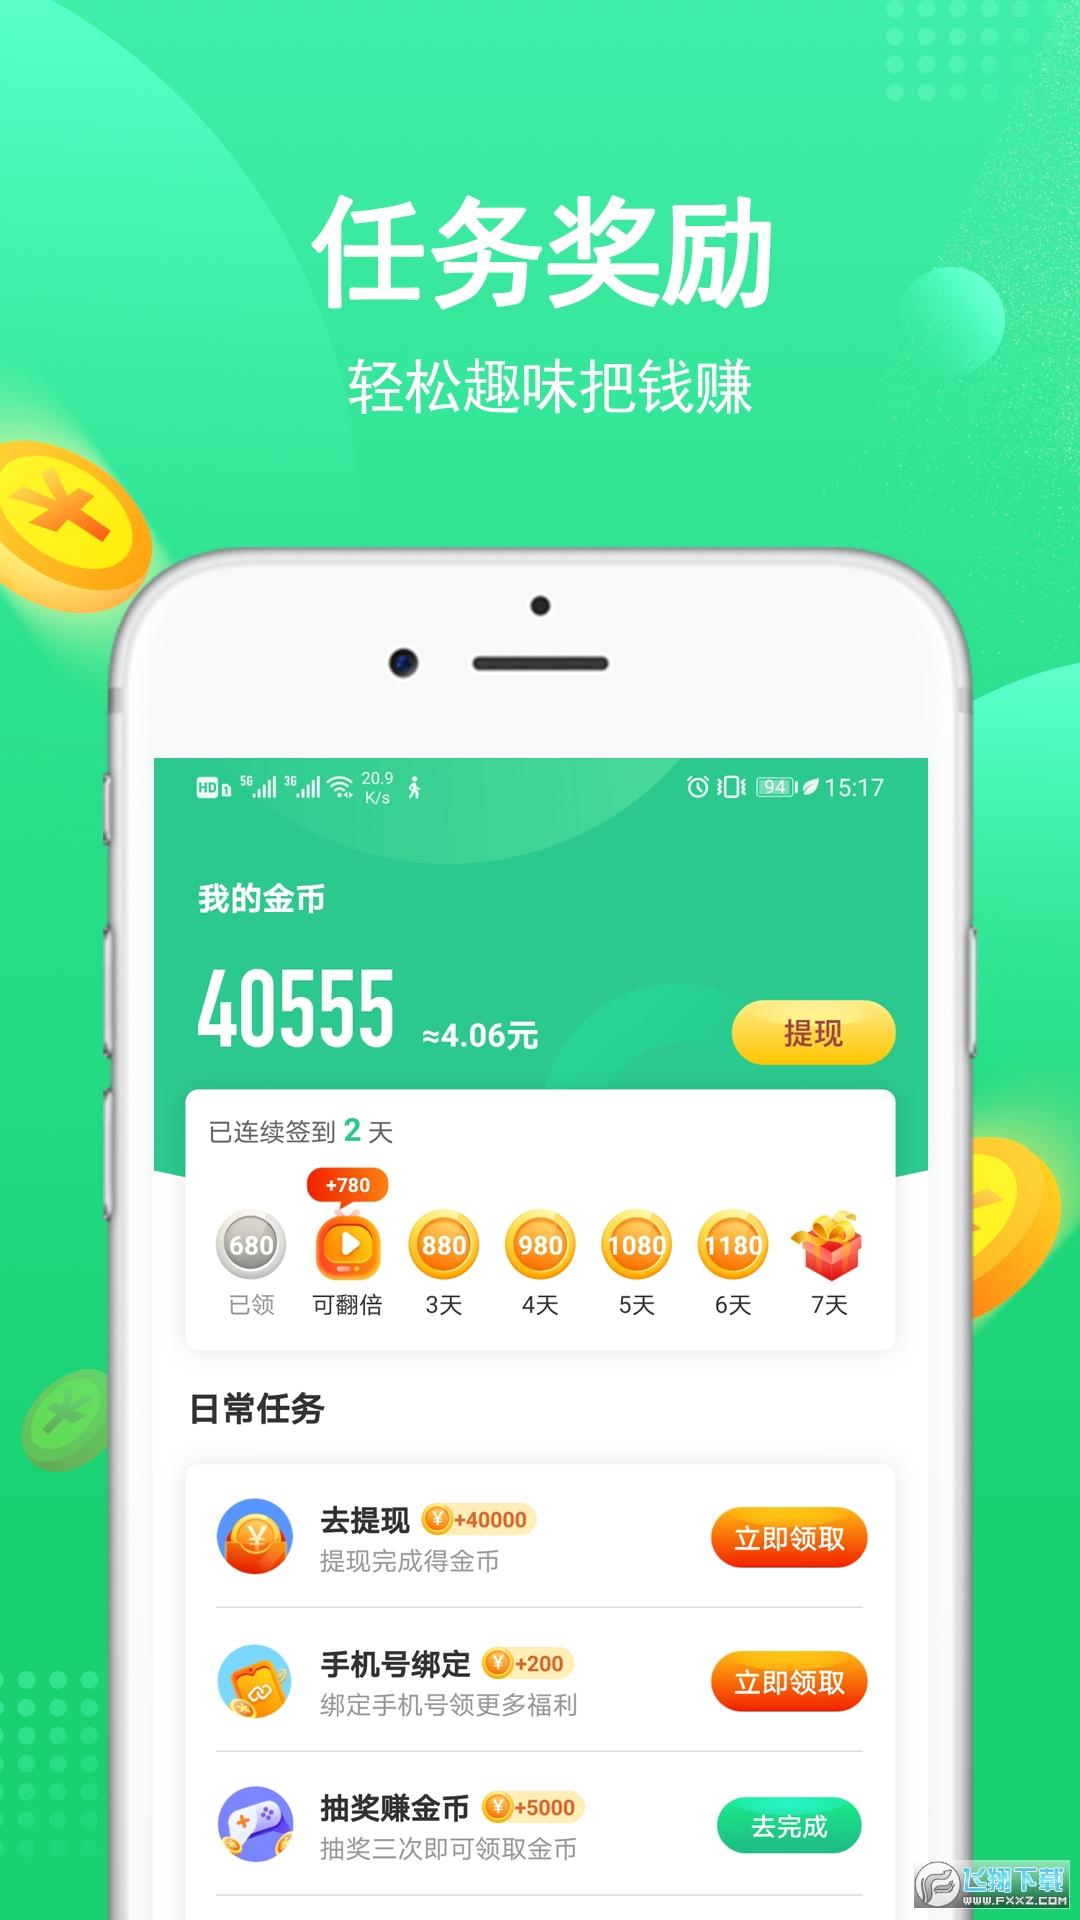 走路赚钱多多抽手机版app1.1.0免费版截图2